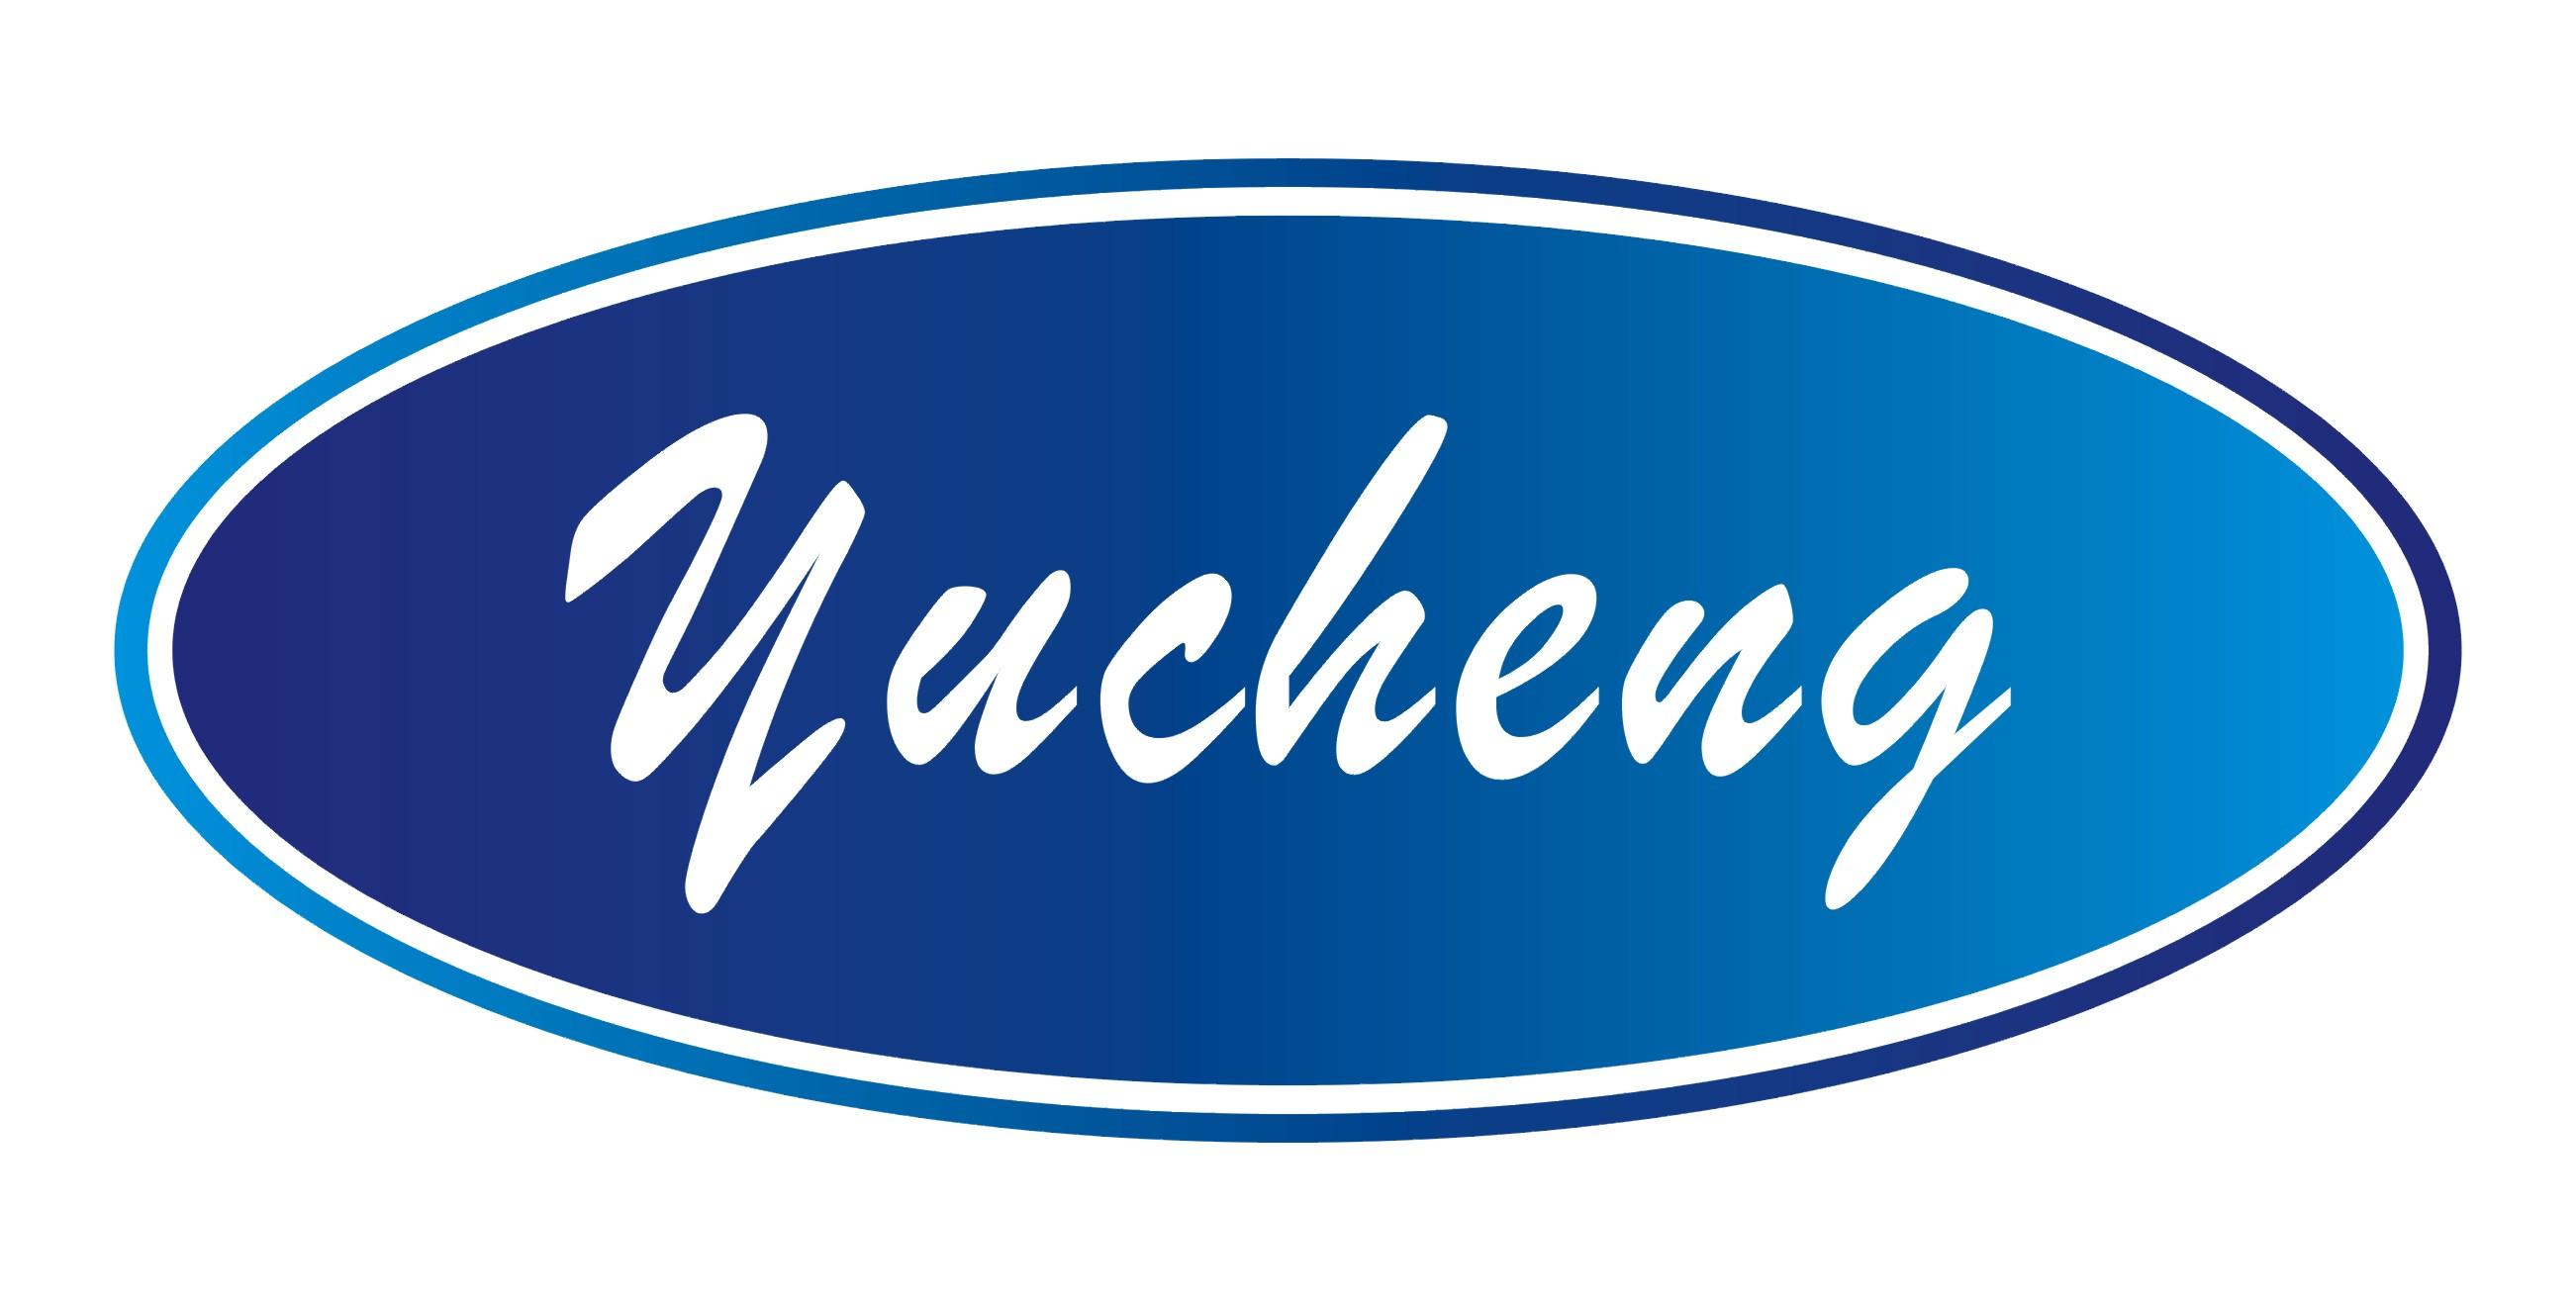 logo logo 标志 设计 矢量 矢量图 素材 图标 2603_1315